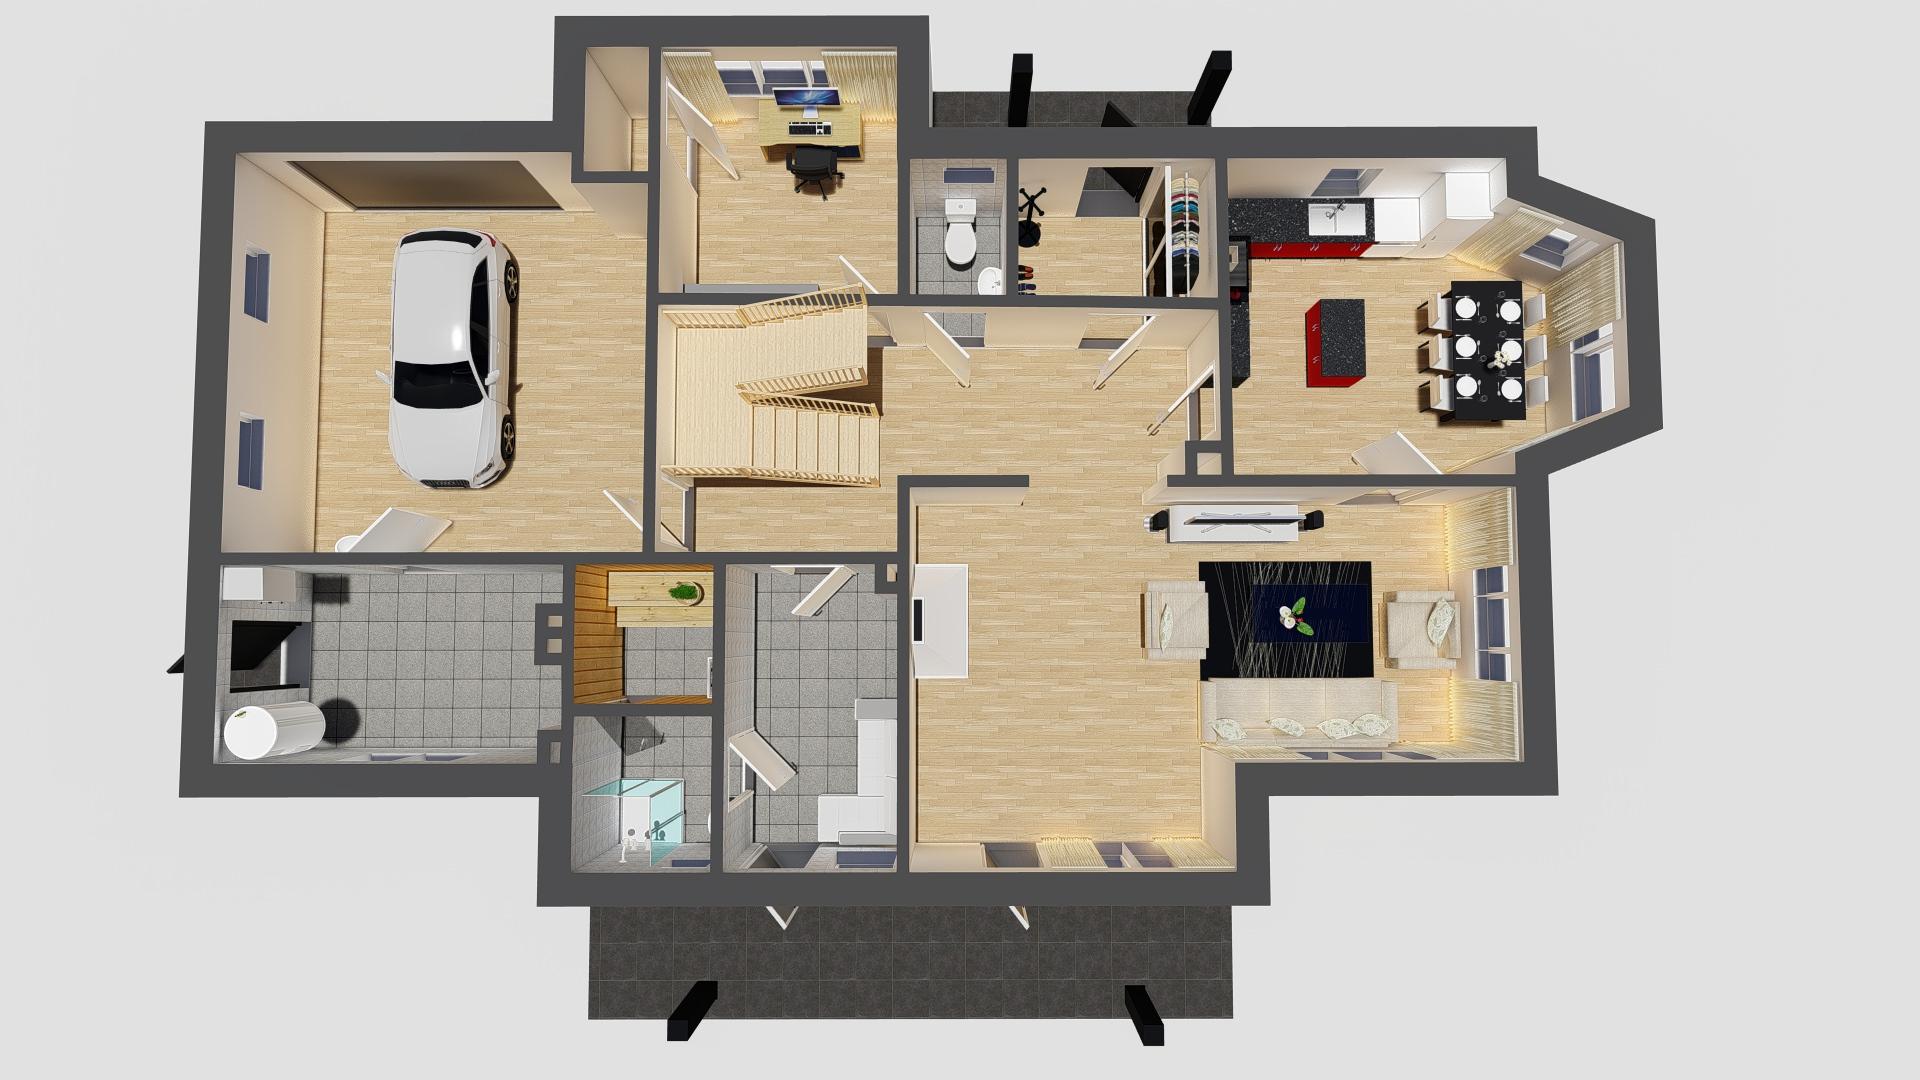 1 korrus pööratuna